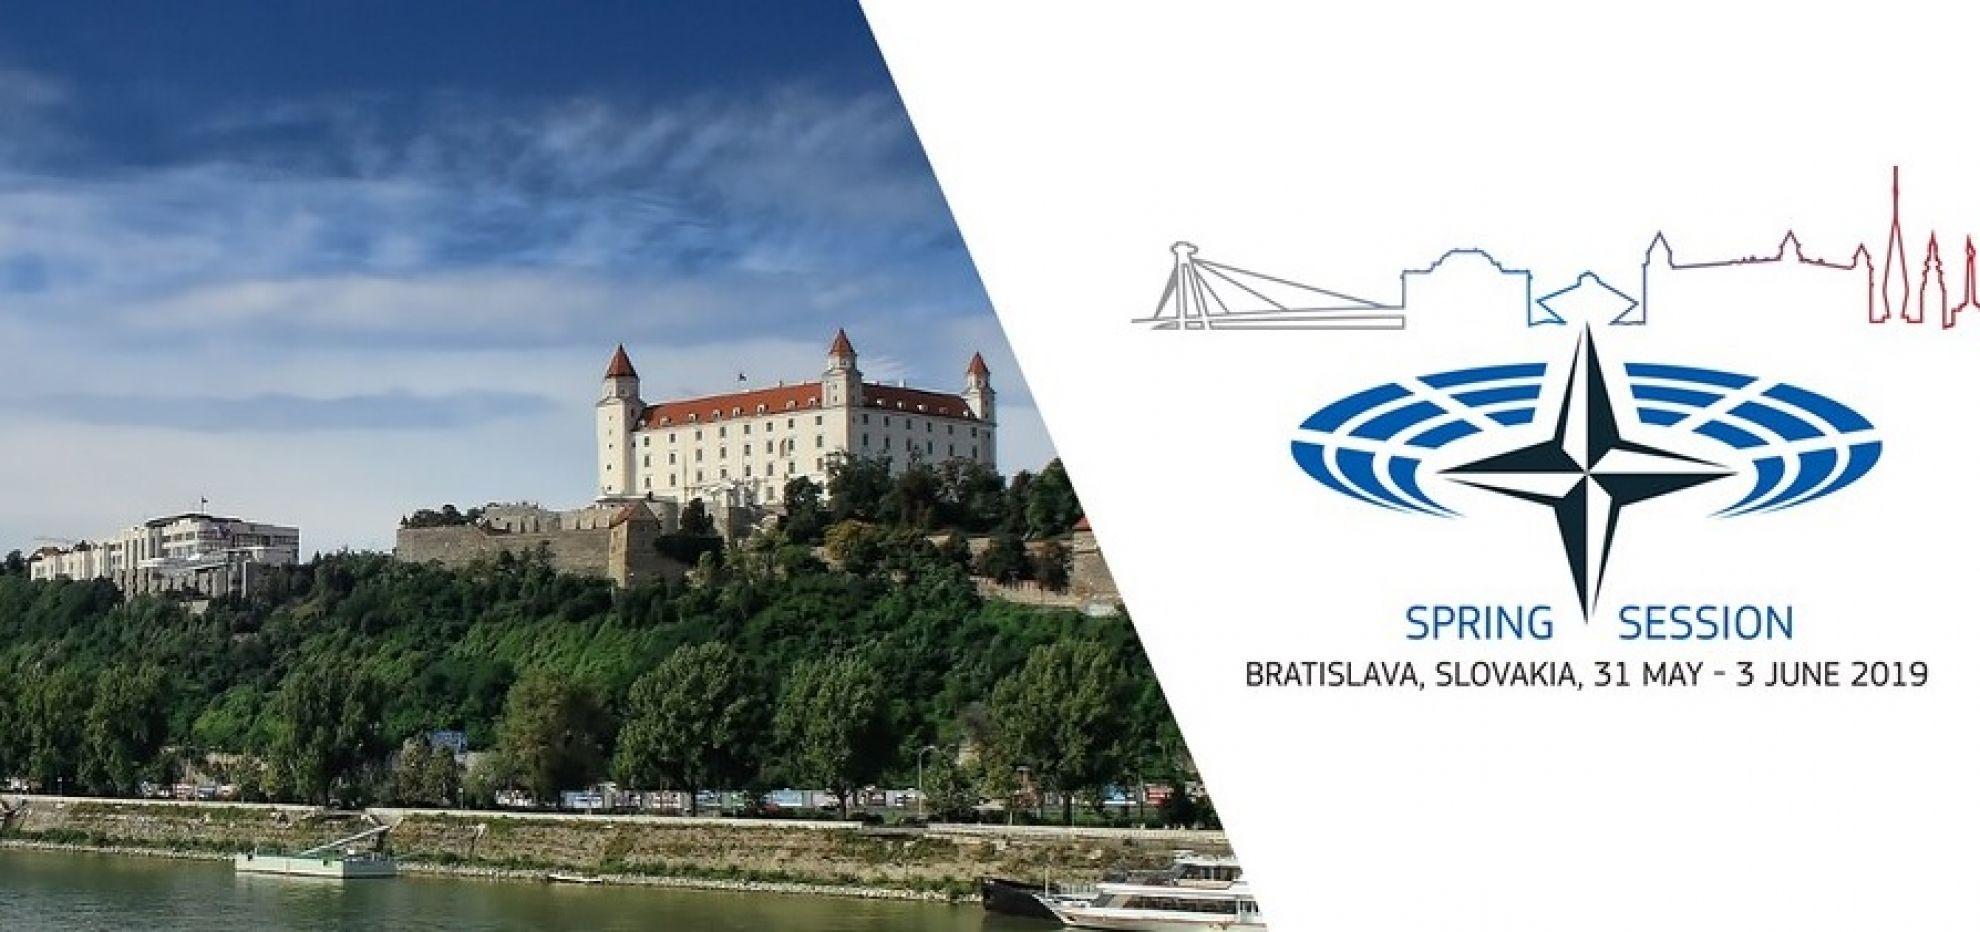 nato_spring_session_bratislava